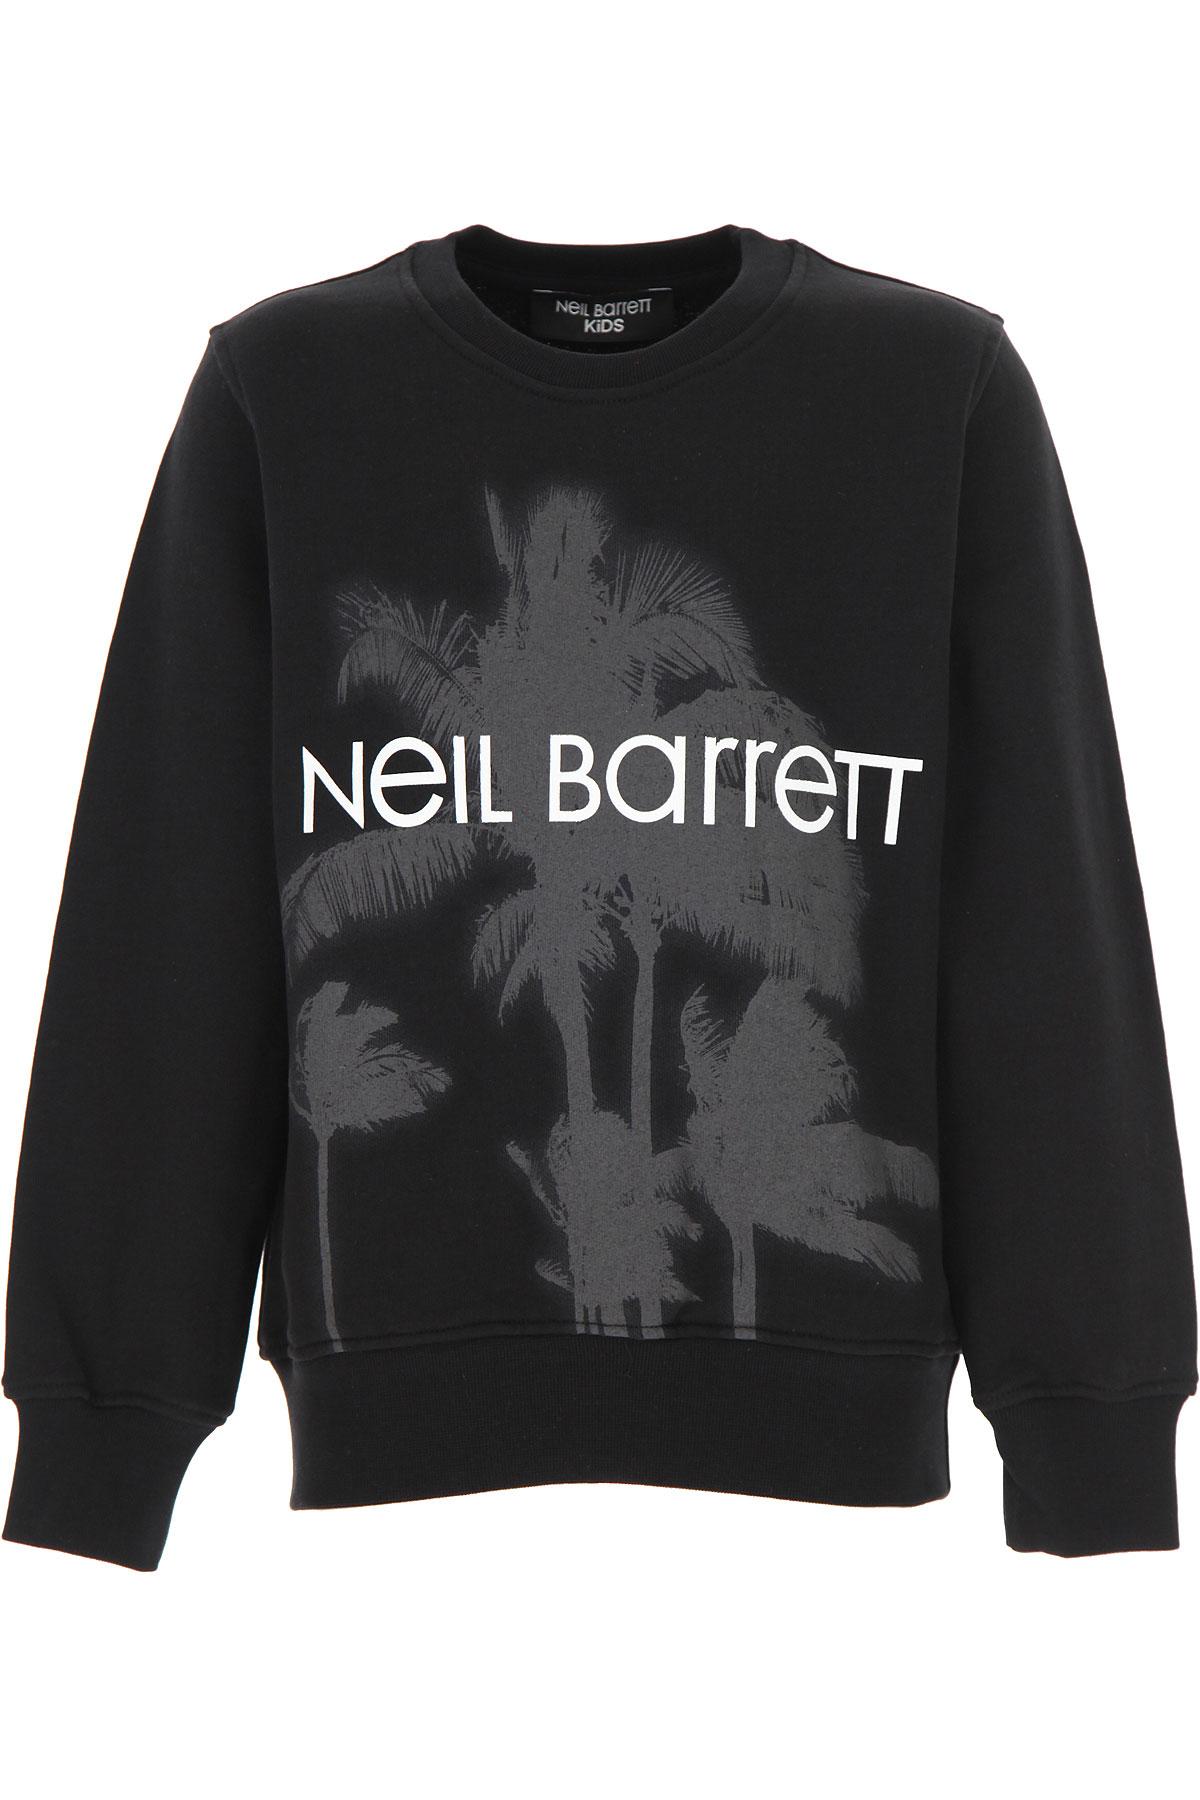 Neil Barrett Kids Sweatshirts & Hoodies for Boys On Sale, Black, Cotton, 2019, 10Y 12Y 14Y 6Y 8Y